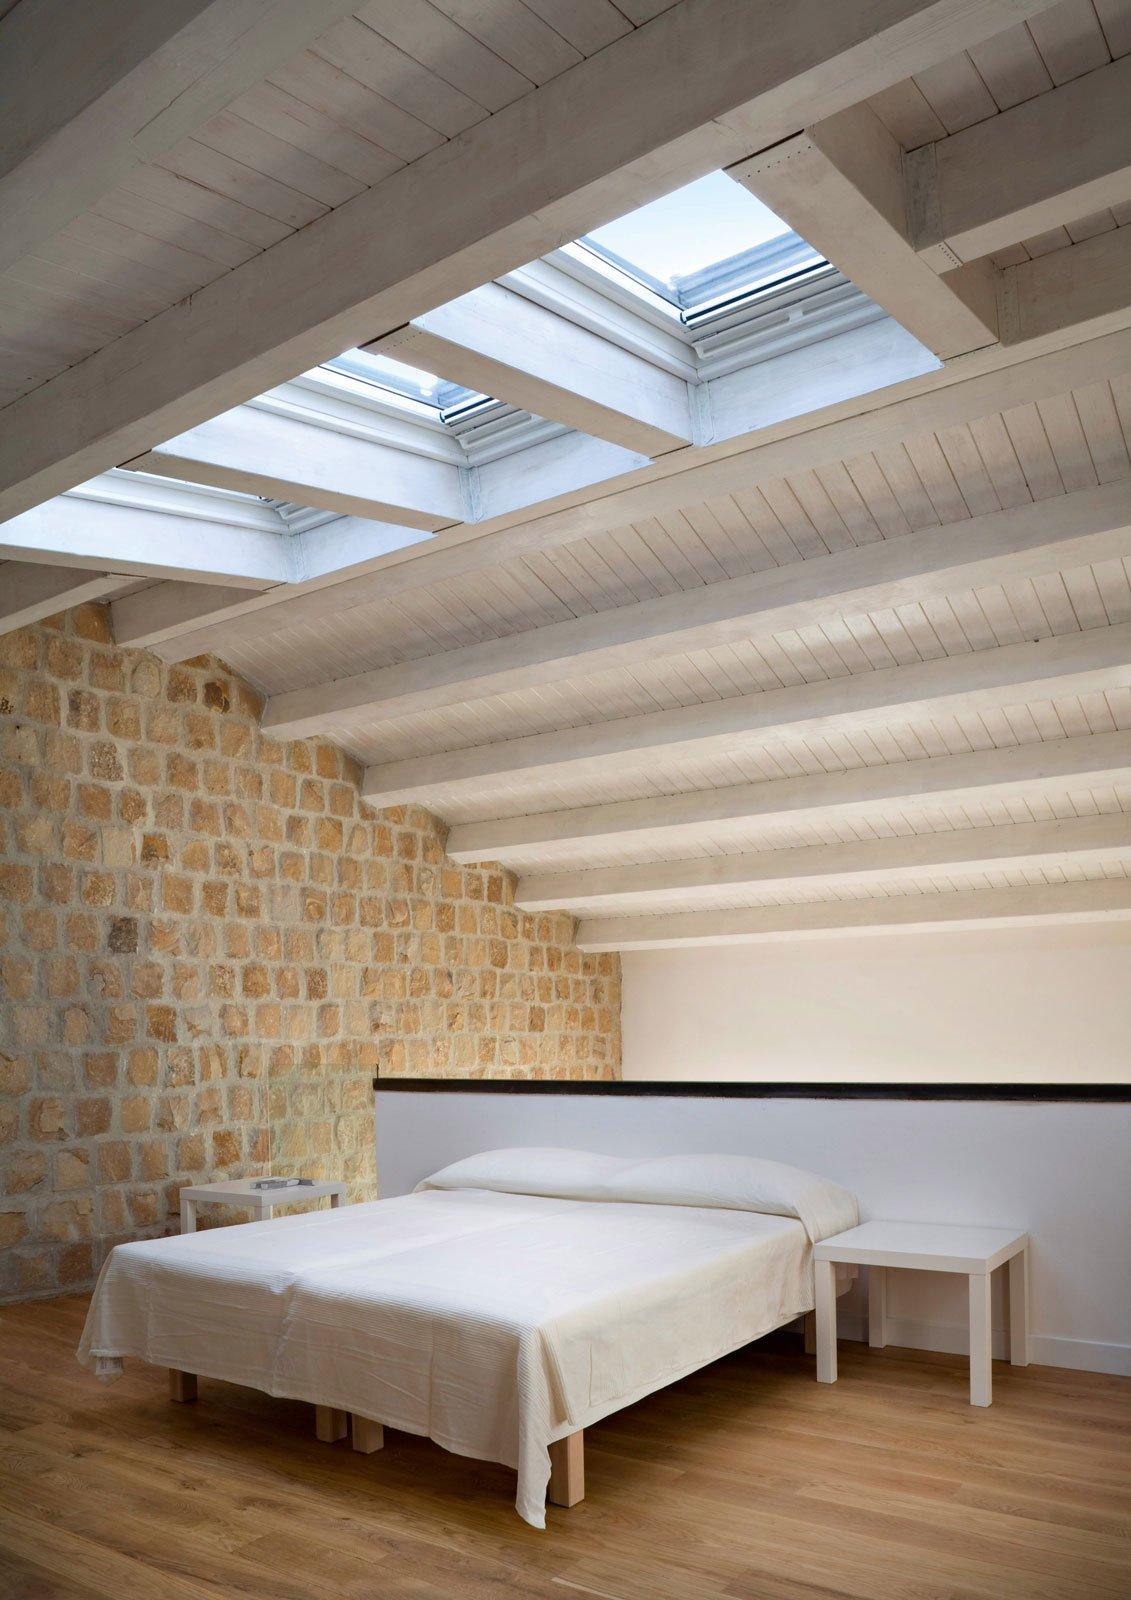 Atmosfere mediterranee per il restauro conservativo di un'azienda agricola - Cose di Casa